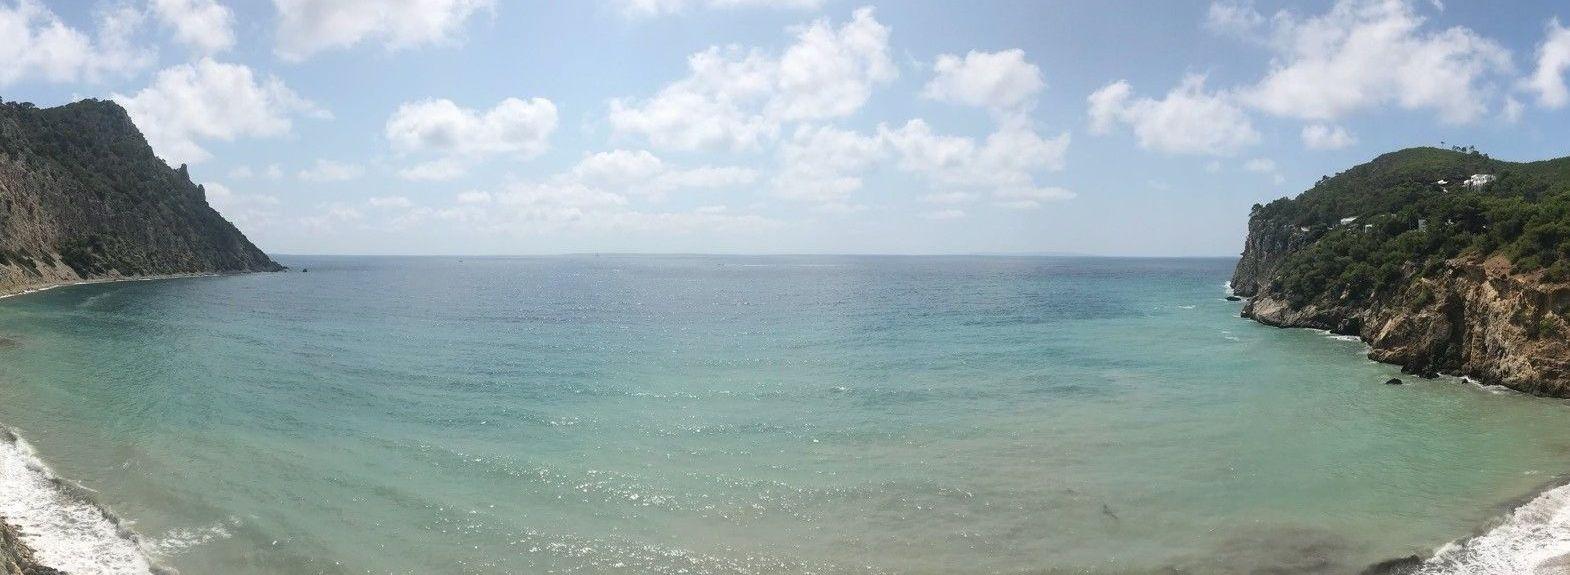 Cala Llonga, Santa Eulalia del Río, Islas Baleares, España